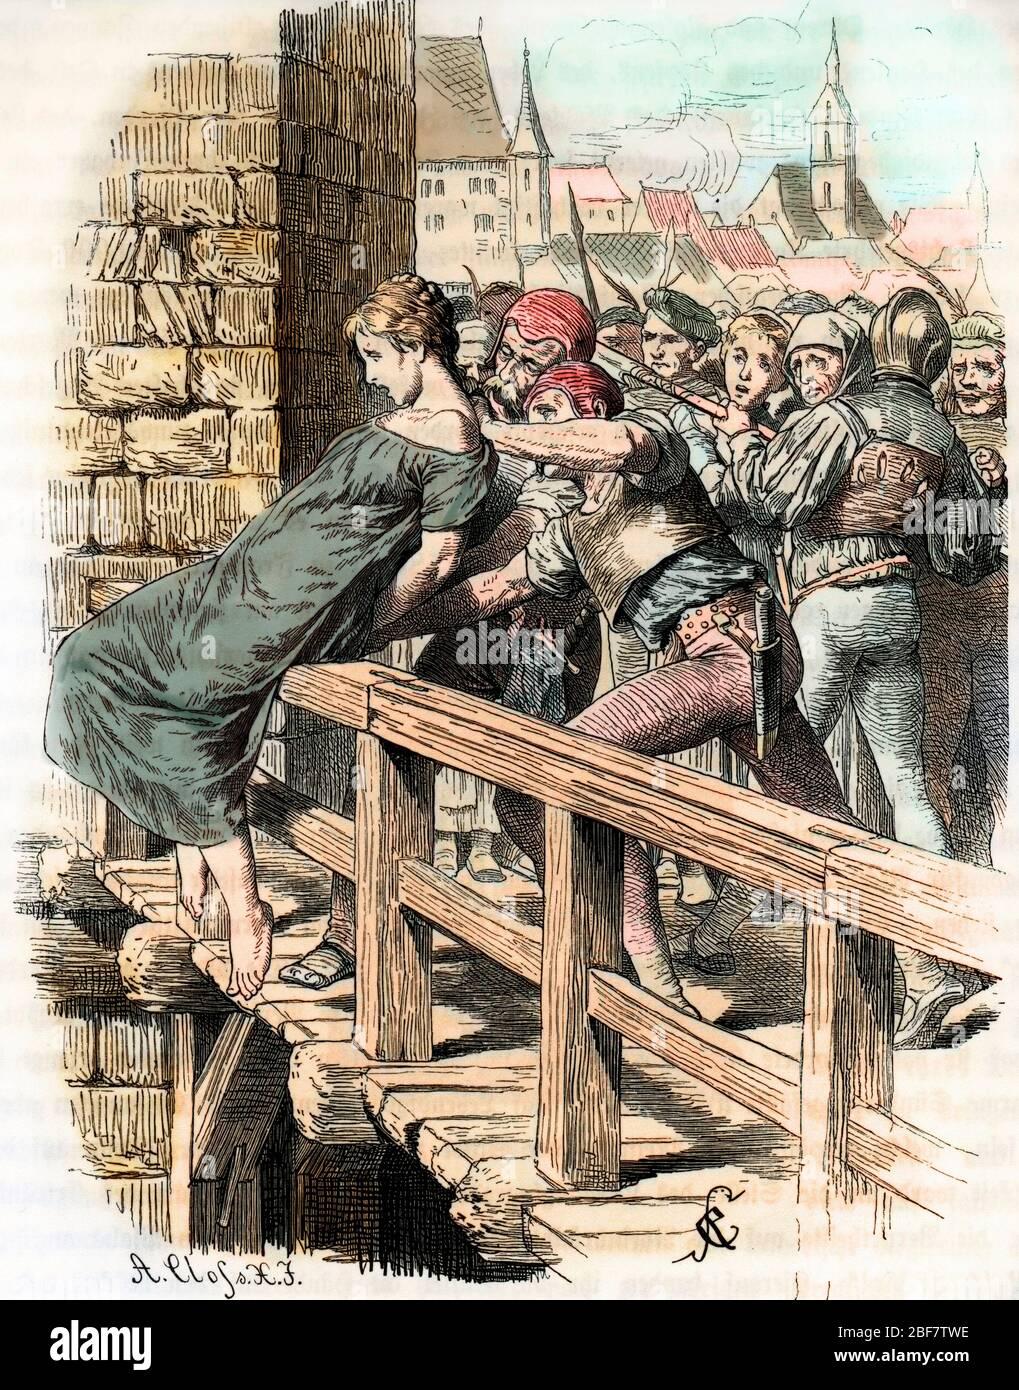 Une meurtriere tueuse d'enfants est livree a la justice populaire, jetee par la foule dans le fleuve en guise de lynchage Bale 1567 (A child killer is Stock Photo